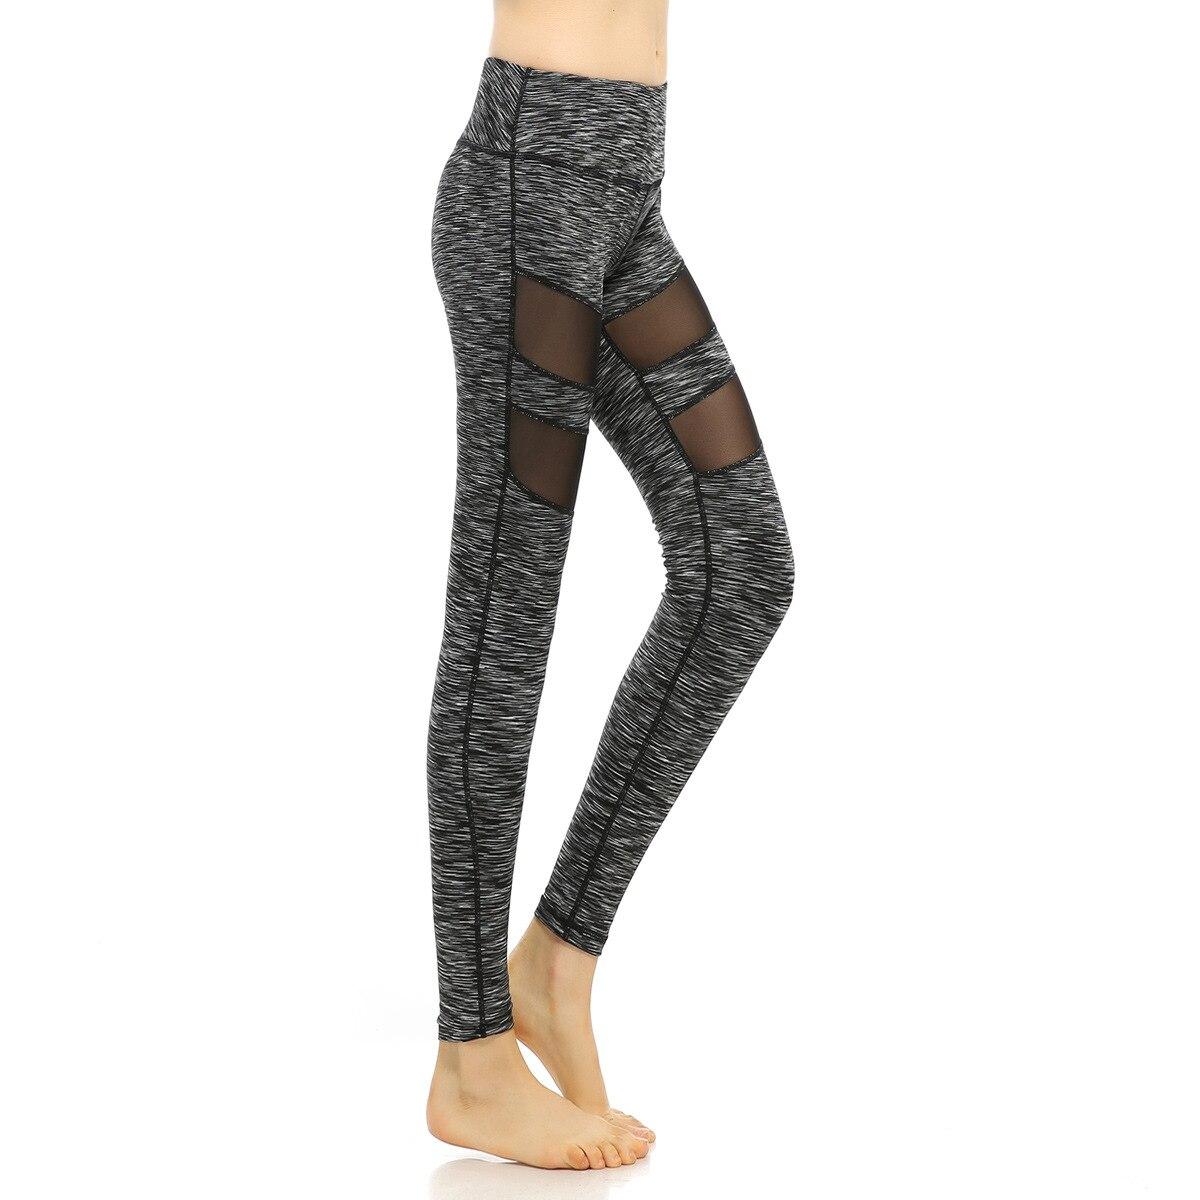 Women Yarn Fitness Leggings Sport Yoga Pants Gym Running